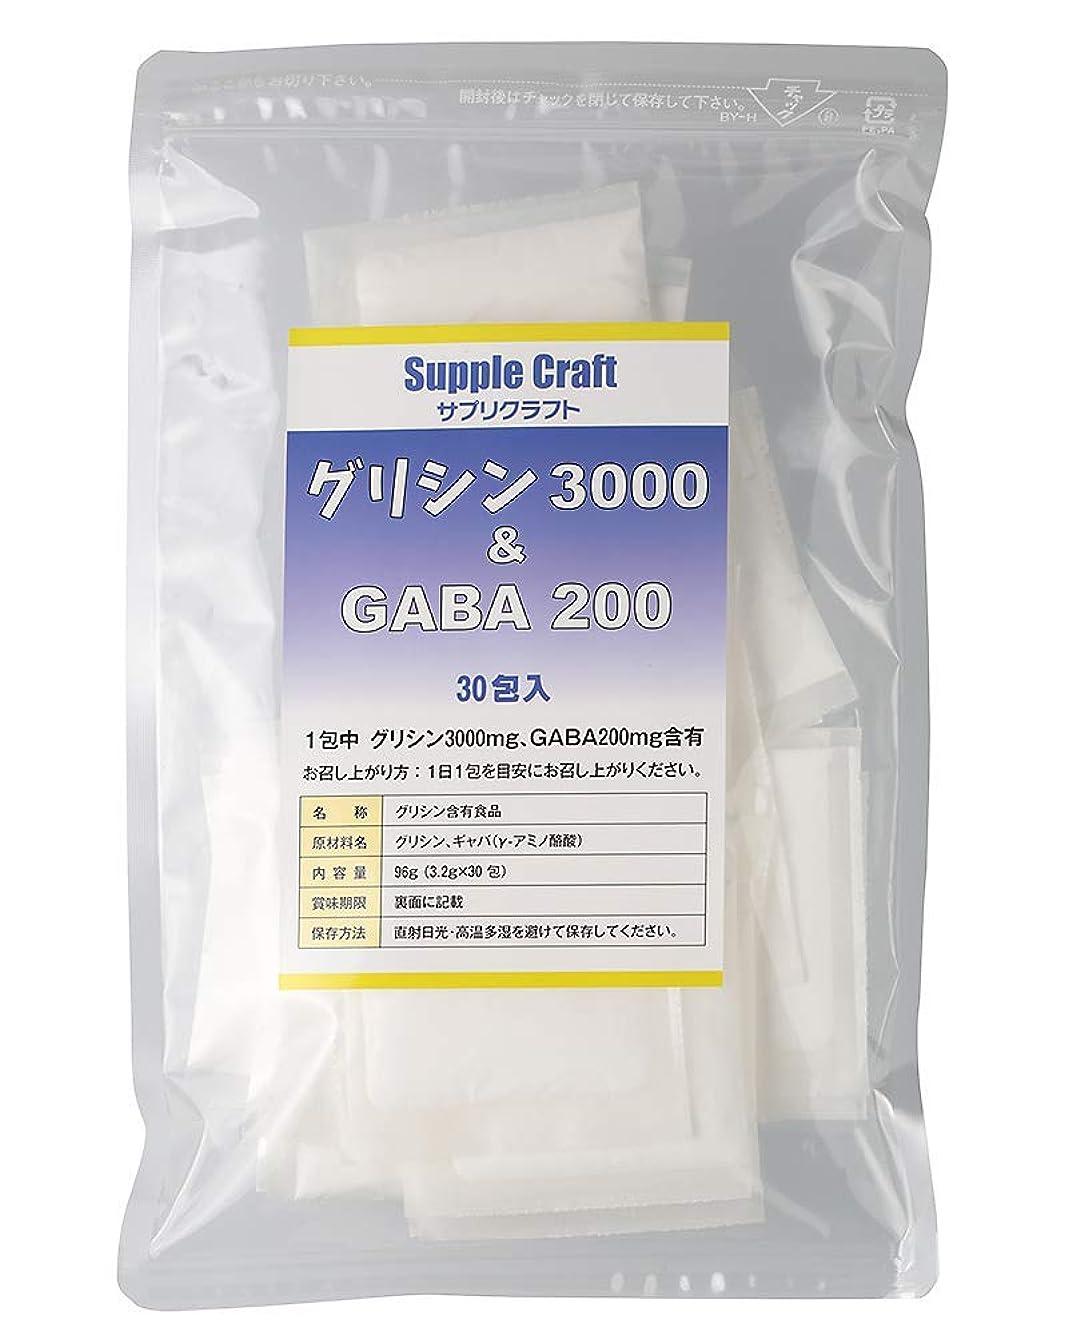 すべき変化死グリシン 3000mg & ギャバ (GABA) 200mg 30包 パウダー サプリ 粉末 国産 サプリメント